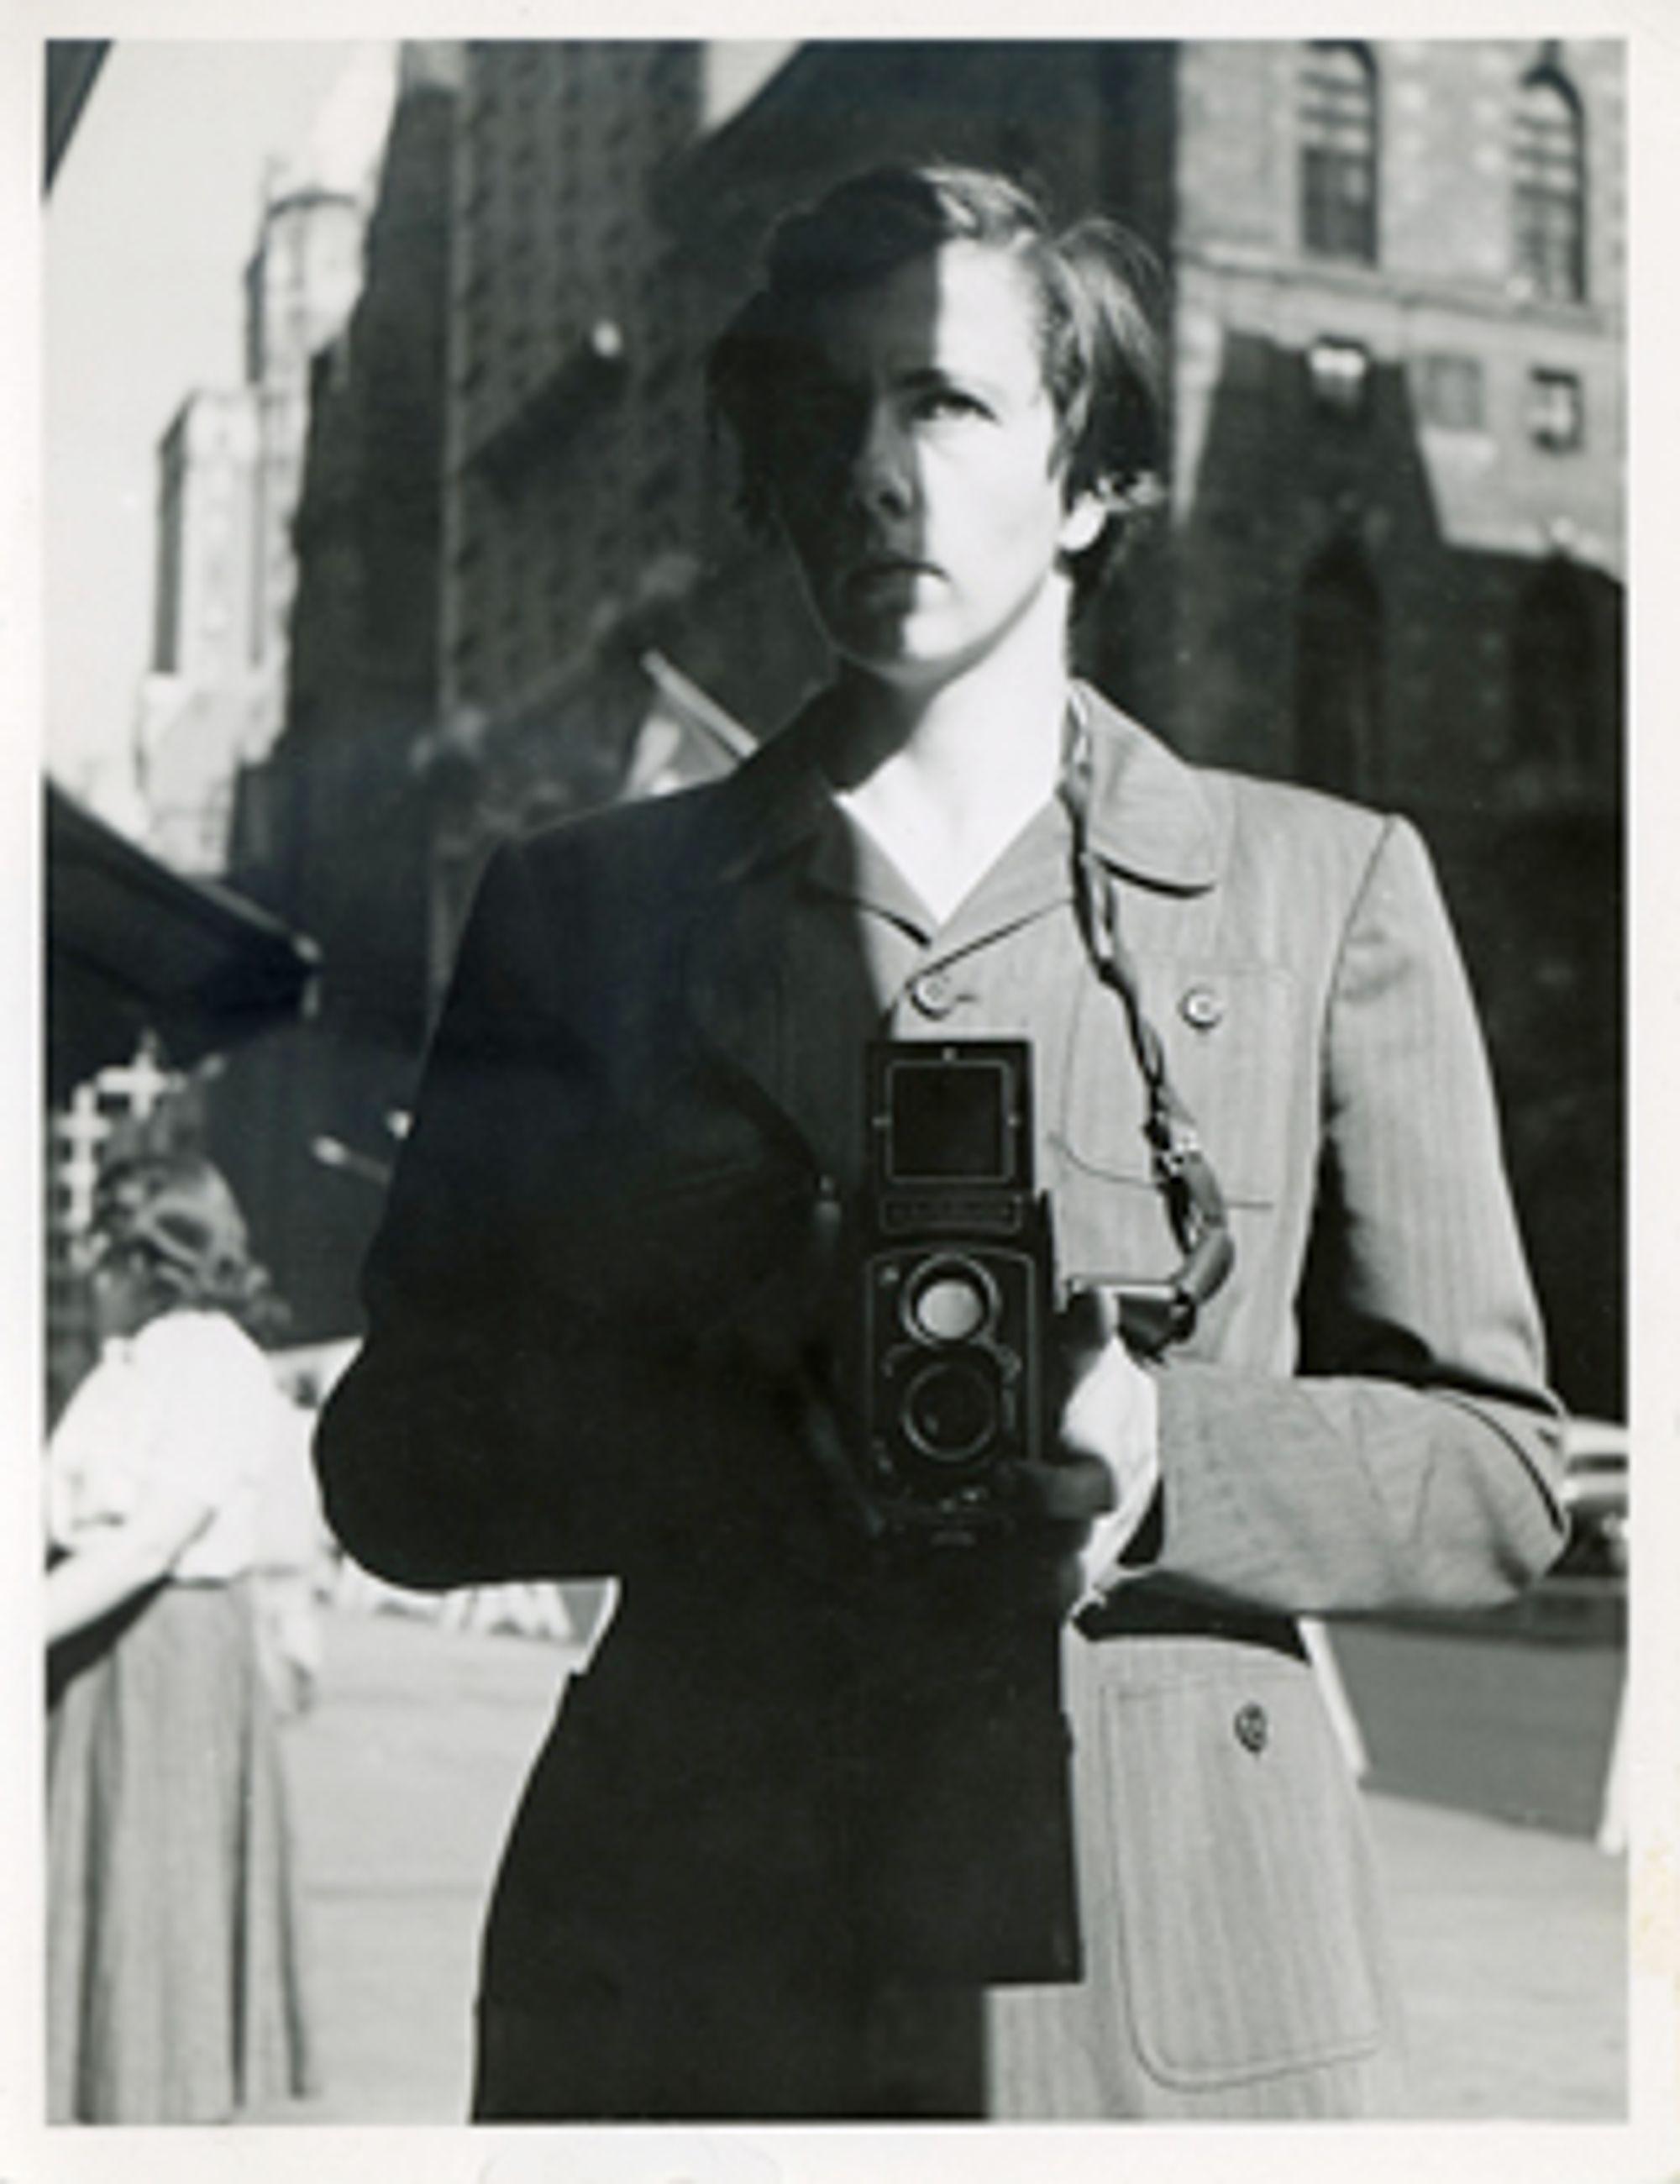 Selvportrett. Foto: Vivian Maier.